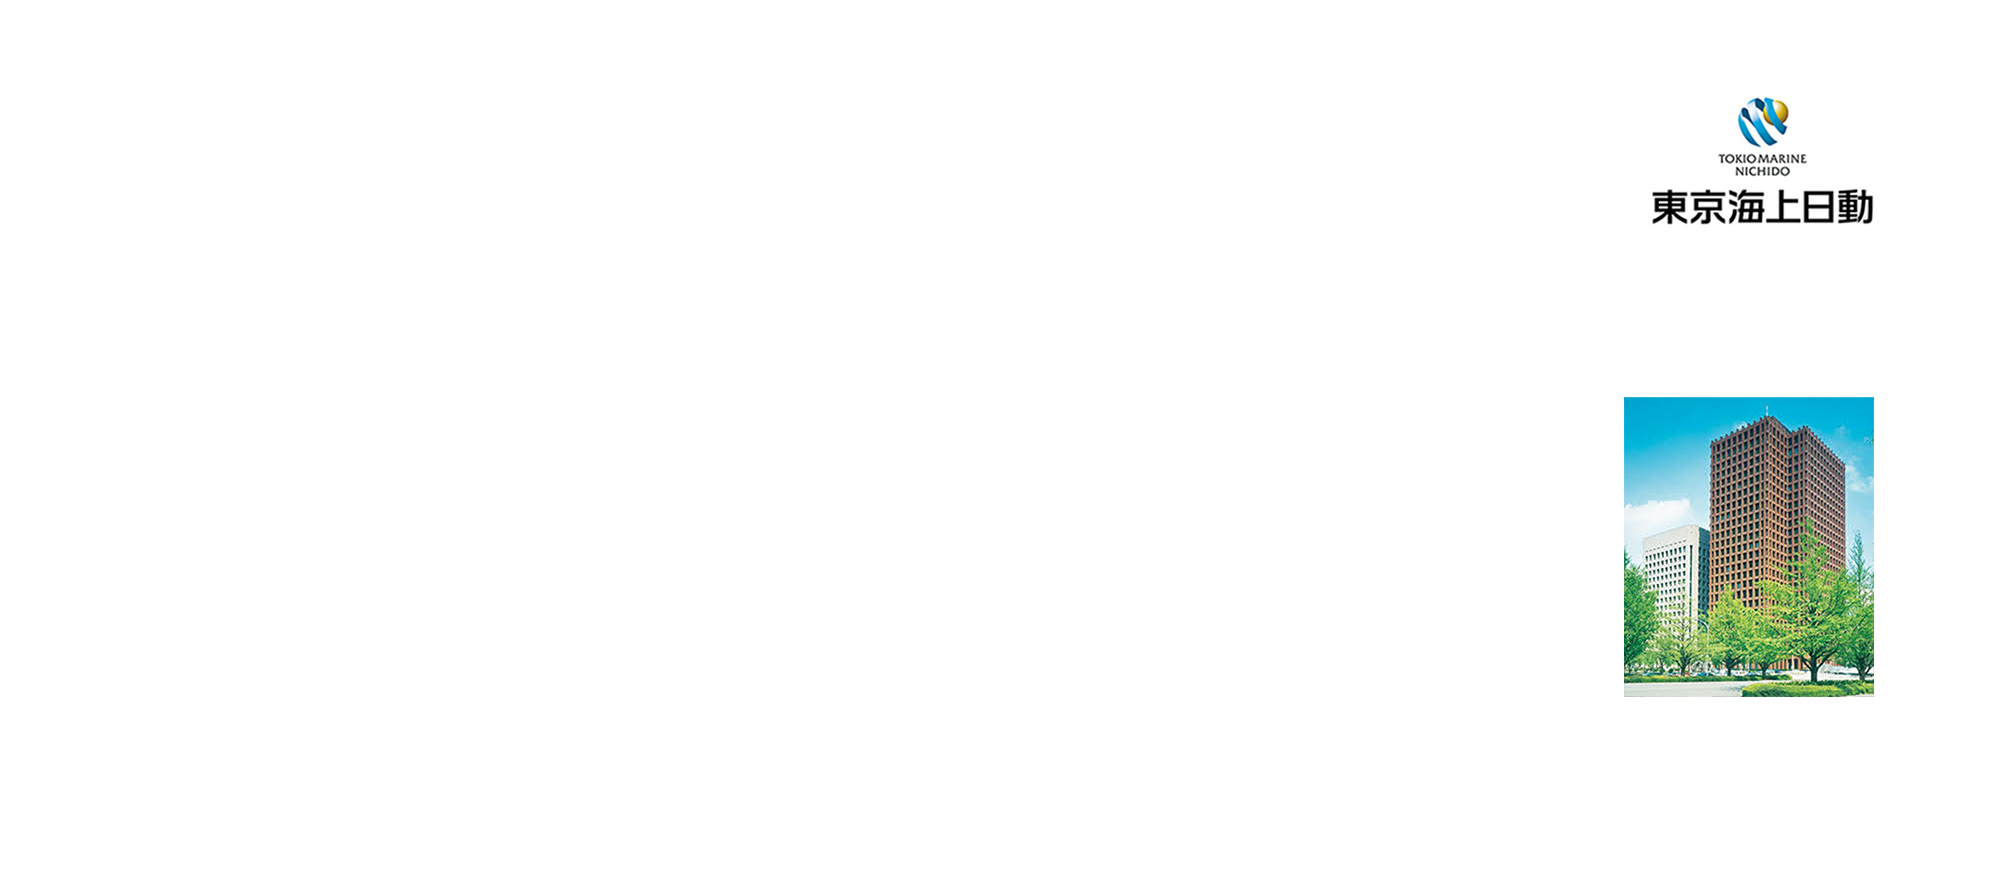 東京海上日動火災保険株式会社様税制改正対応の改善とIFRS体制の整備をめざし「ProPlus固定資産システム」を導入。決算業務にかかる時間も削減。